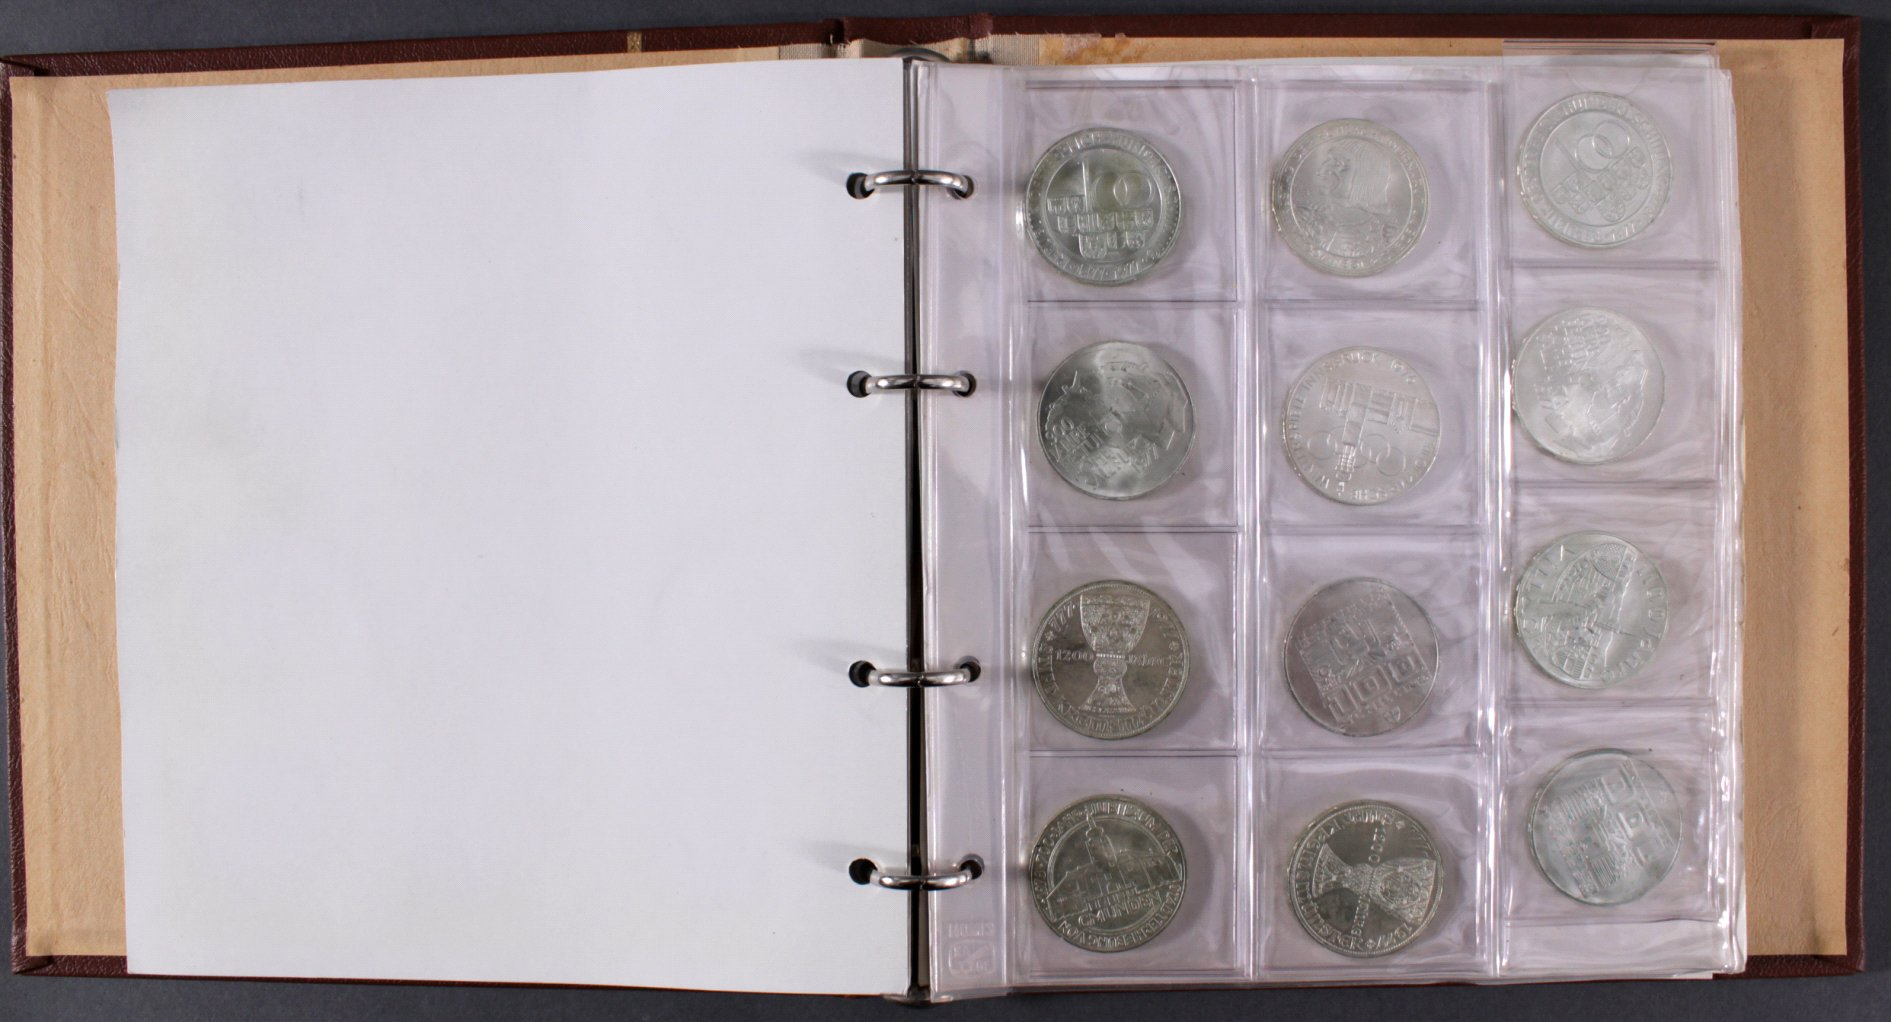 Sammlung 100 Schilling Silbermünzen